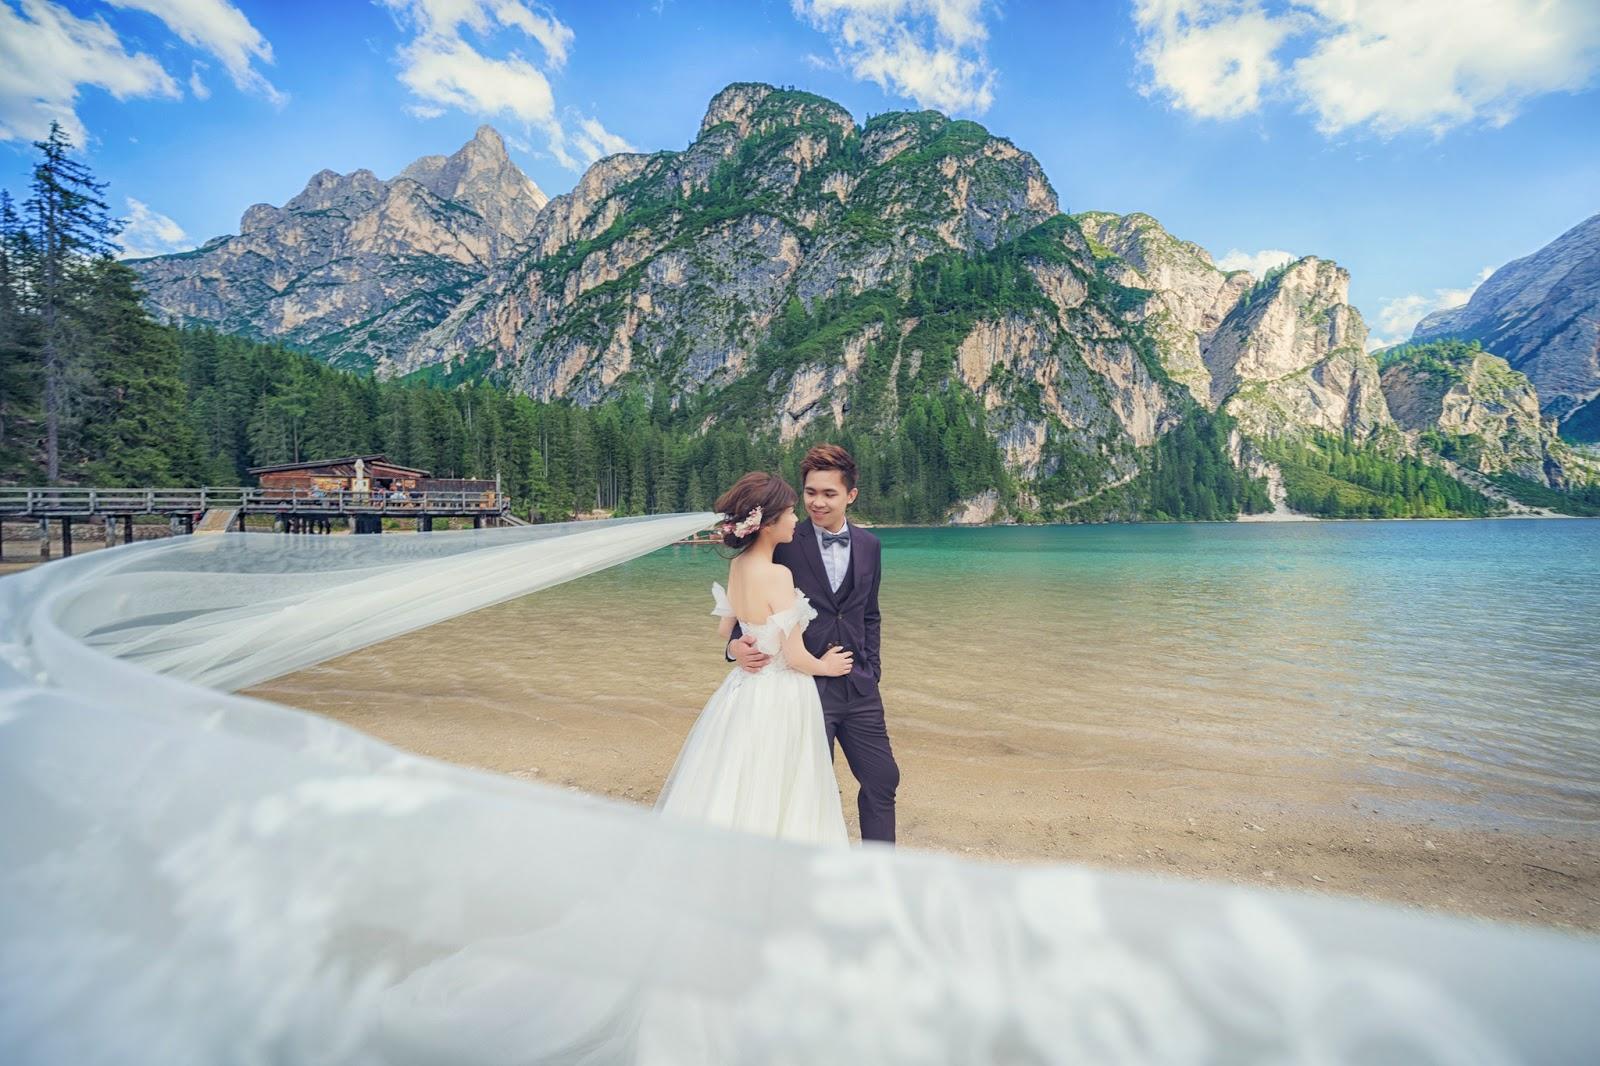 多洛米蒂婚紗 Dolomiti婚紗 富內斯 Val di Funes 仙境婚紗  義大利婚紗 Bolzano 波扎諾 威尼斯婚紗 米蘭羅馬